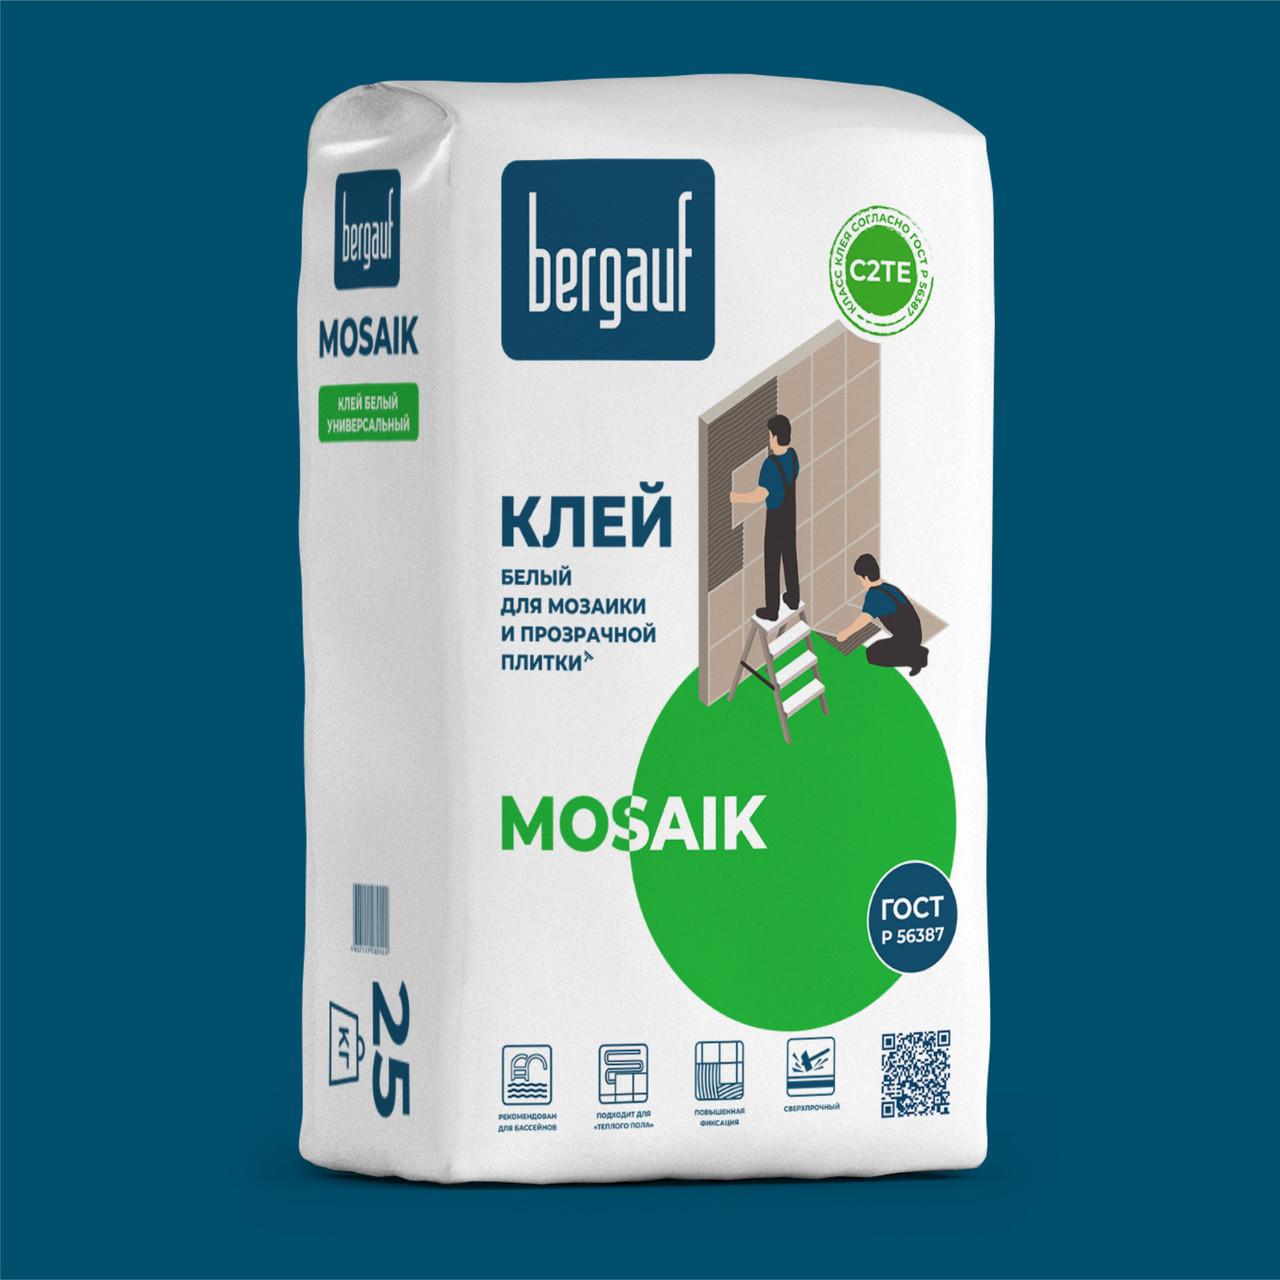 Белый клей MOSAIK для мозаики и прозрачной плитки, 25 кг, Bergauf